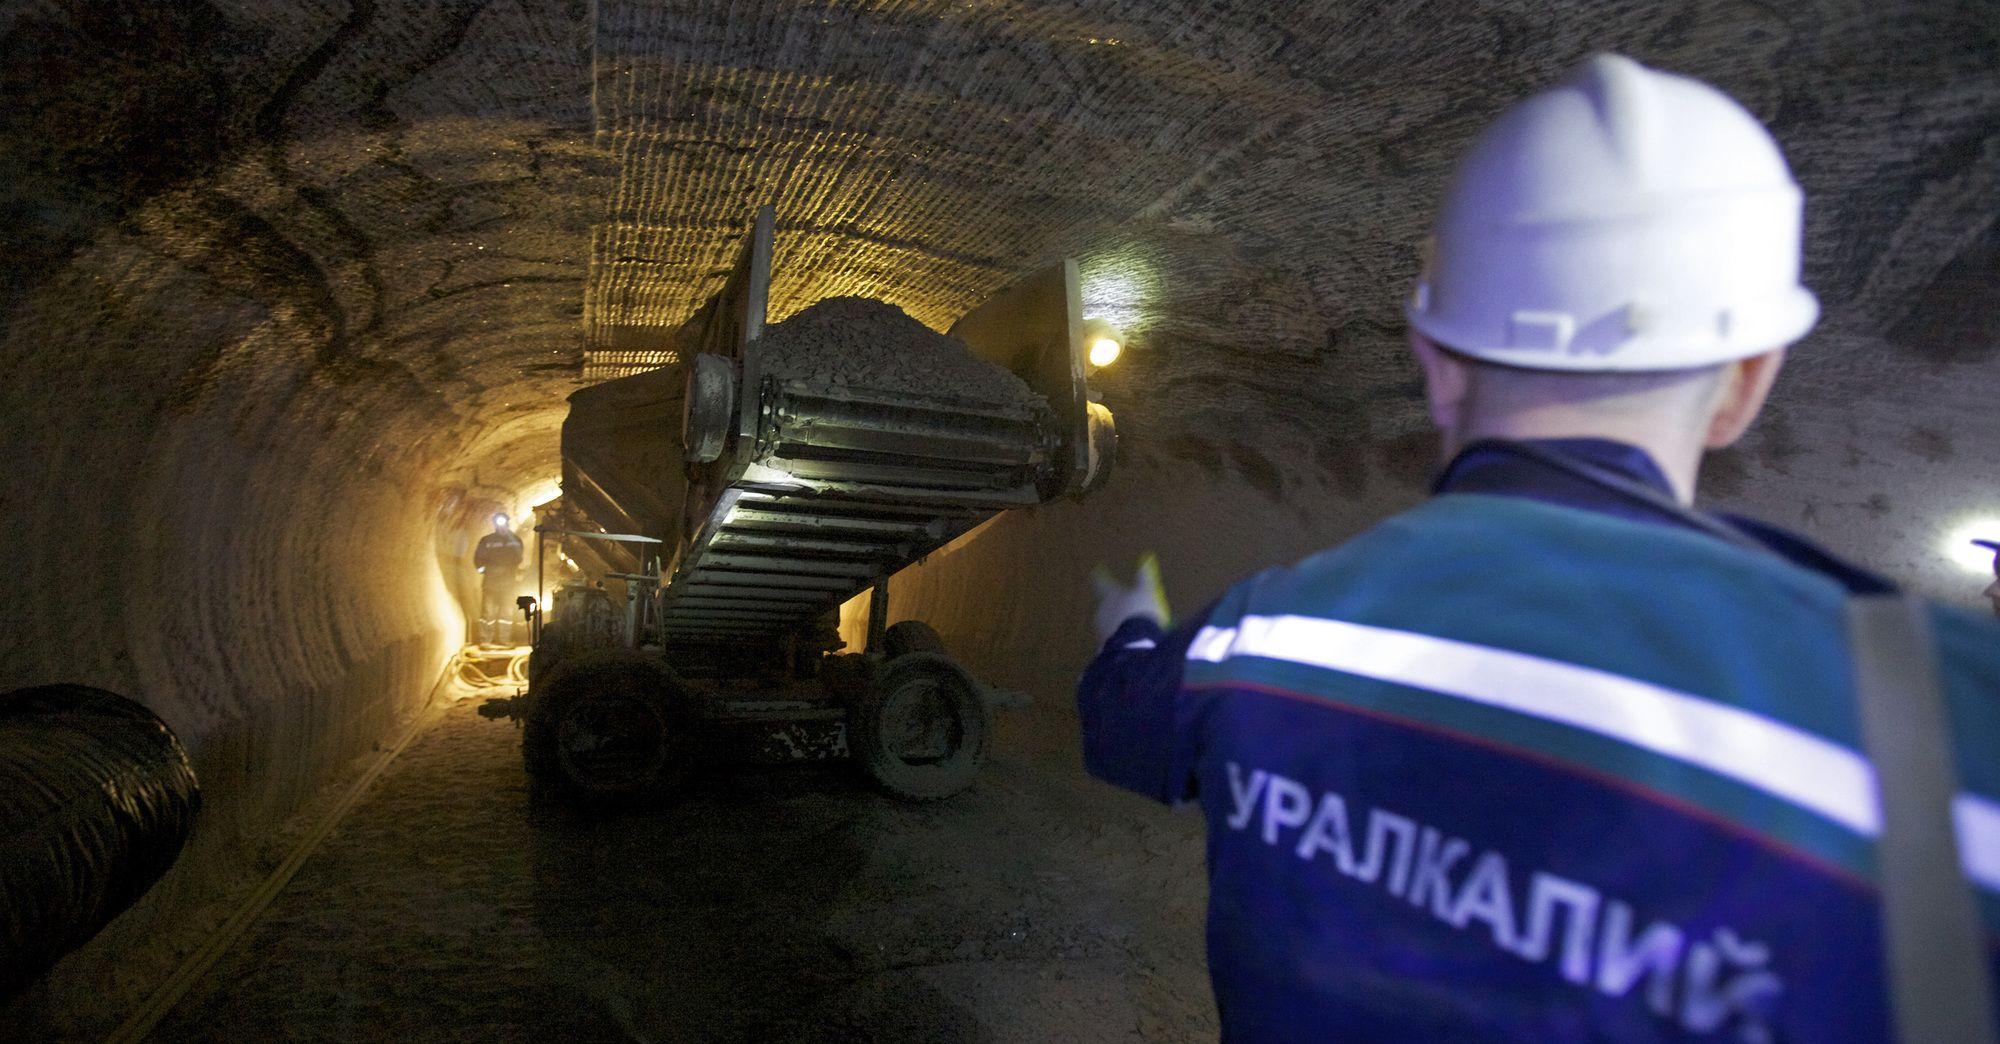 Гендиректор Уралкалия о конъюнктуре рынка минеральных удобрений 3